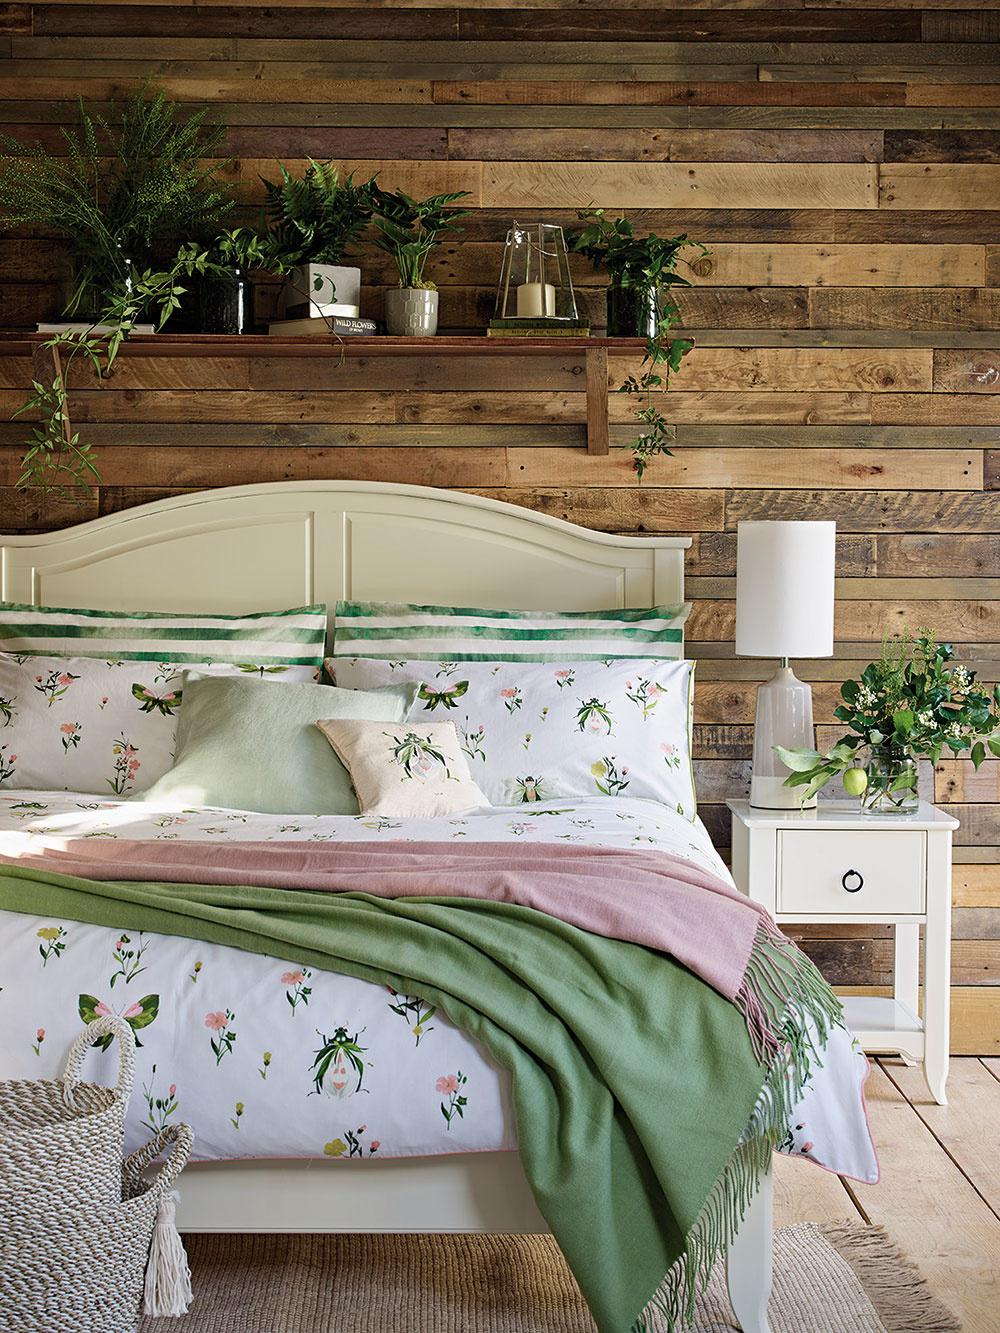 """Nemusí to byť práve drevený obklad na stene, ktorý má vypovedať o naturálnom charaktere interiéru (môže totiž pôsobiť veľmi ťažkopádne). Dostatočné """"sprírodnenie"""" vnesú do spálne aj obliečky s jemnými floristickými motívmi, ľan či bavlna a, samozrejme, živé kvety. Jednoduchý koncept, ktorý je založený na minime nábytku, neutrálnych zemitých odtieňoch, ktoré oživuje zelená farba so sviežim akcentom fialovej."""